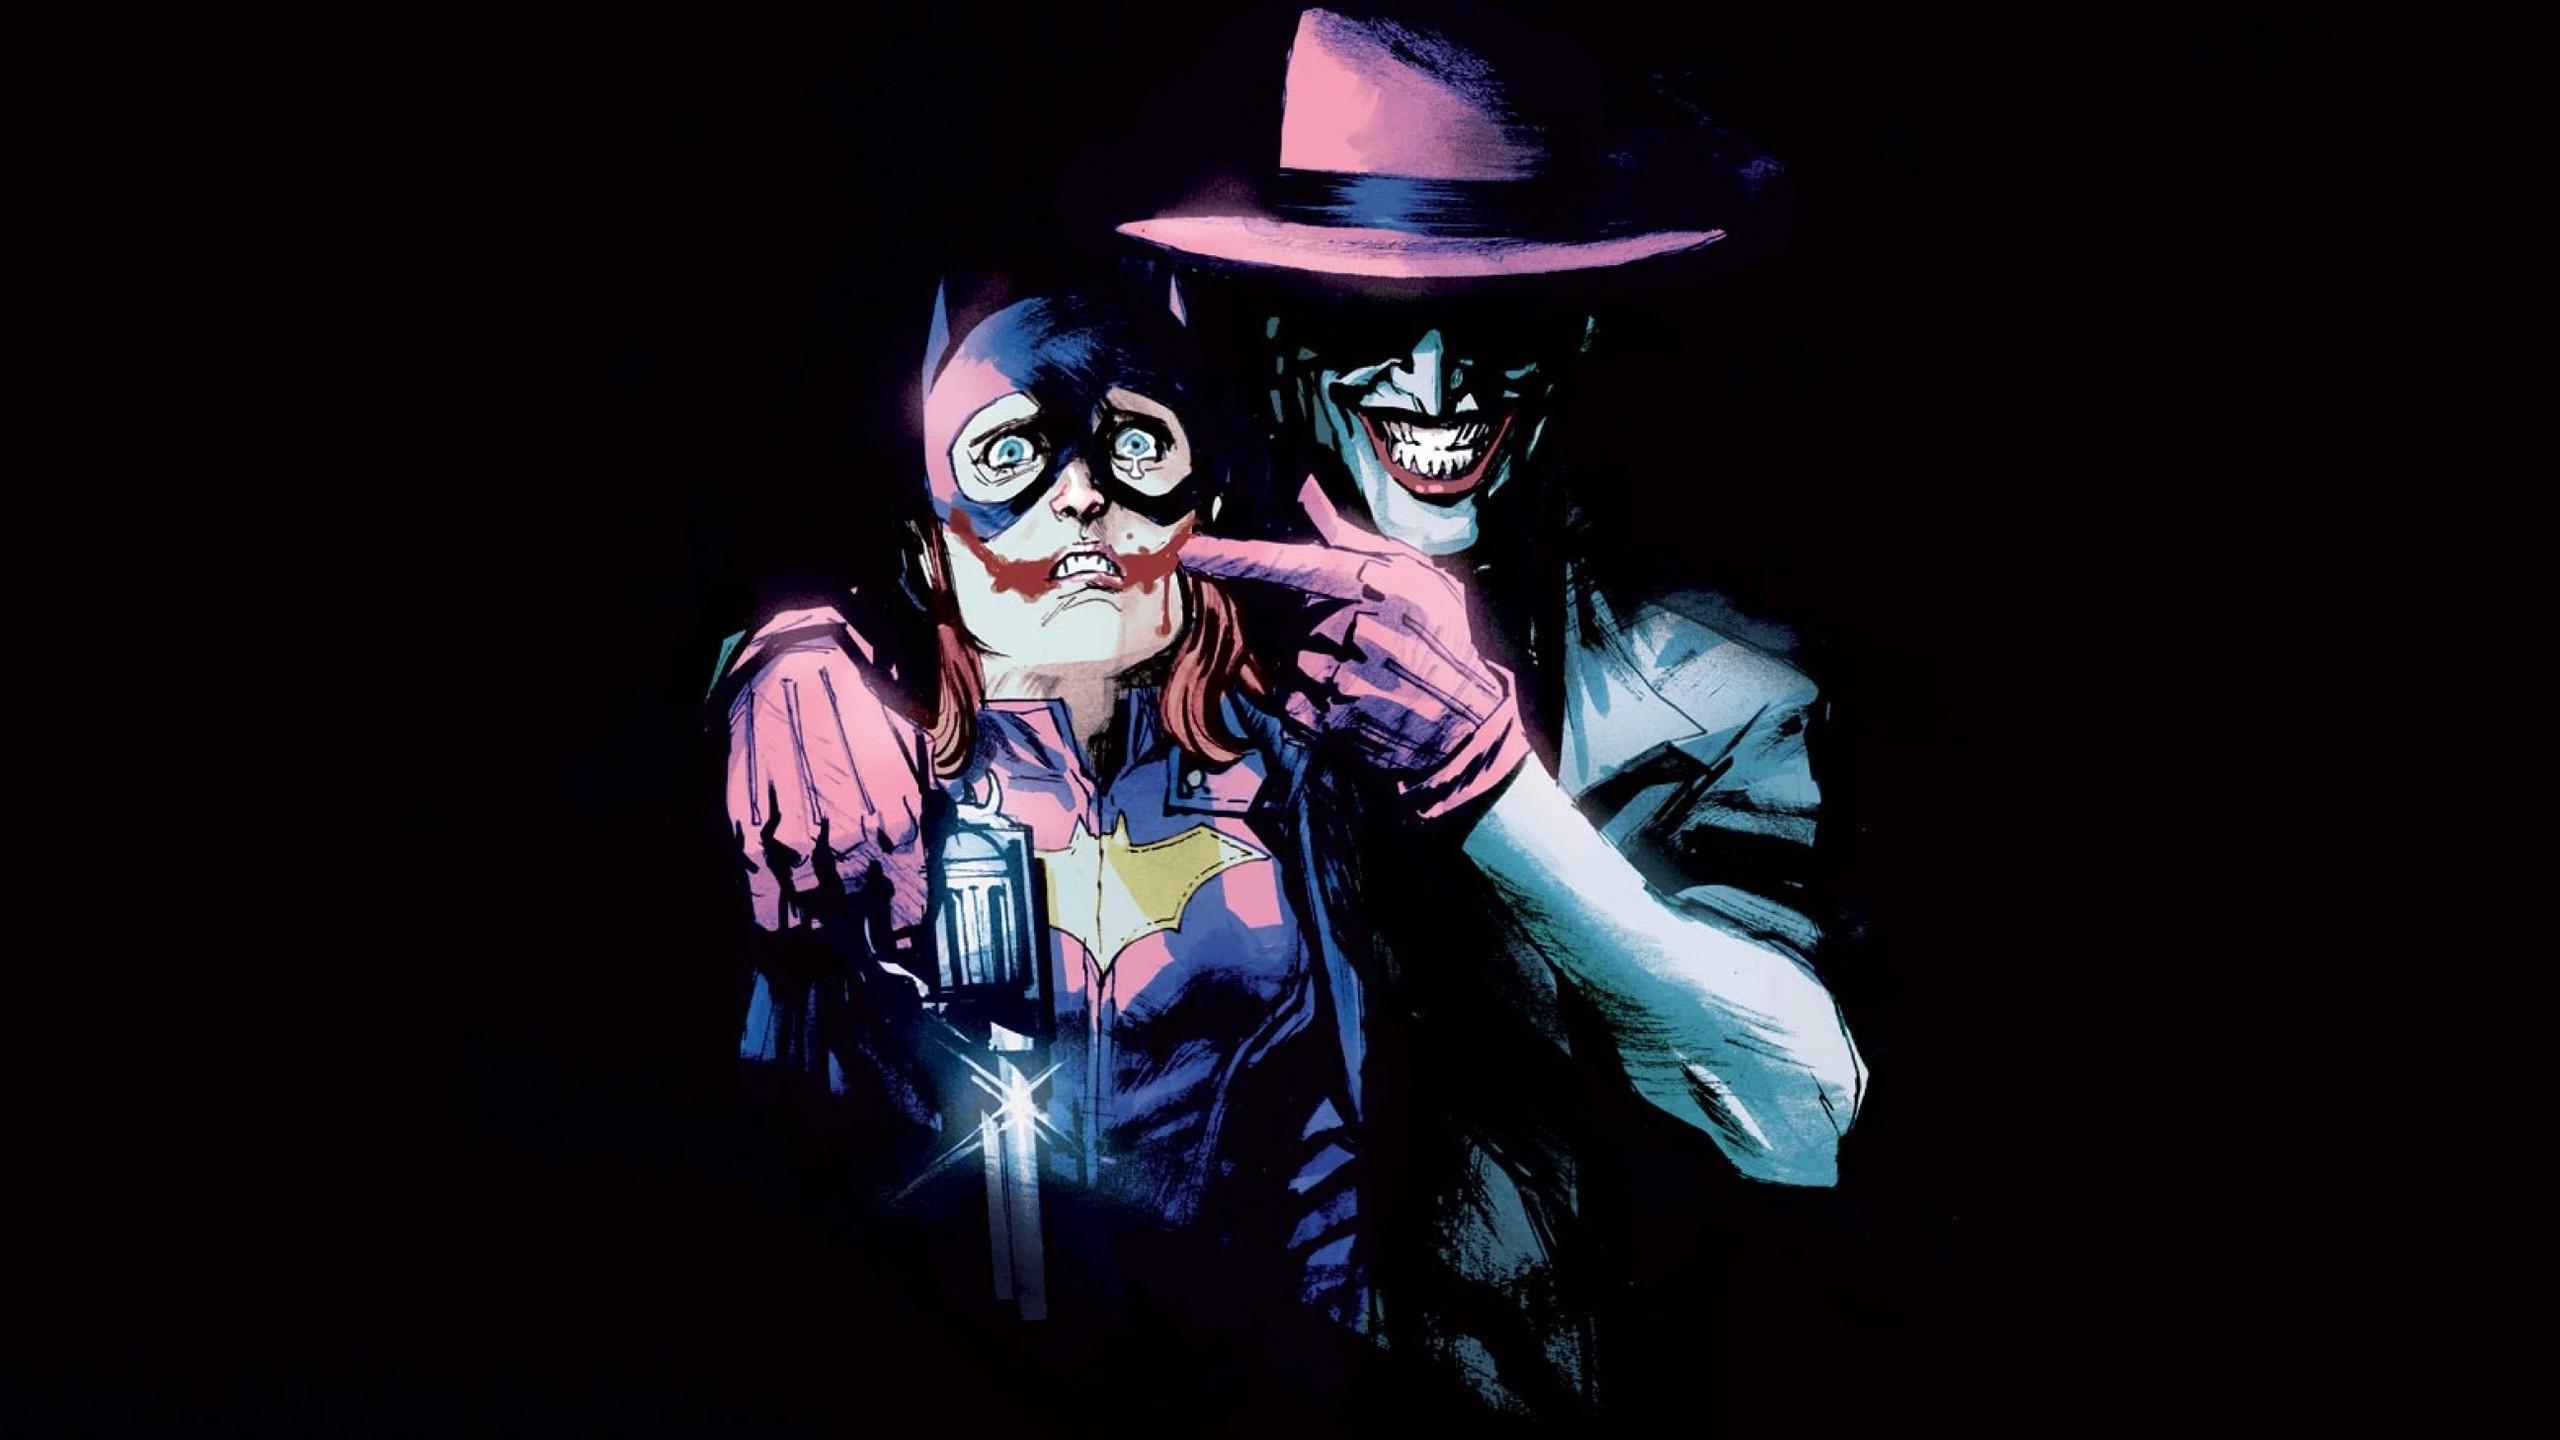 Res: 2560x1440, Detective Comics Wallpapers 2 - 2560 X 1440